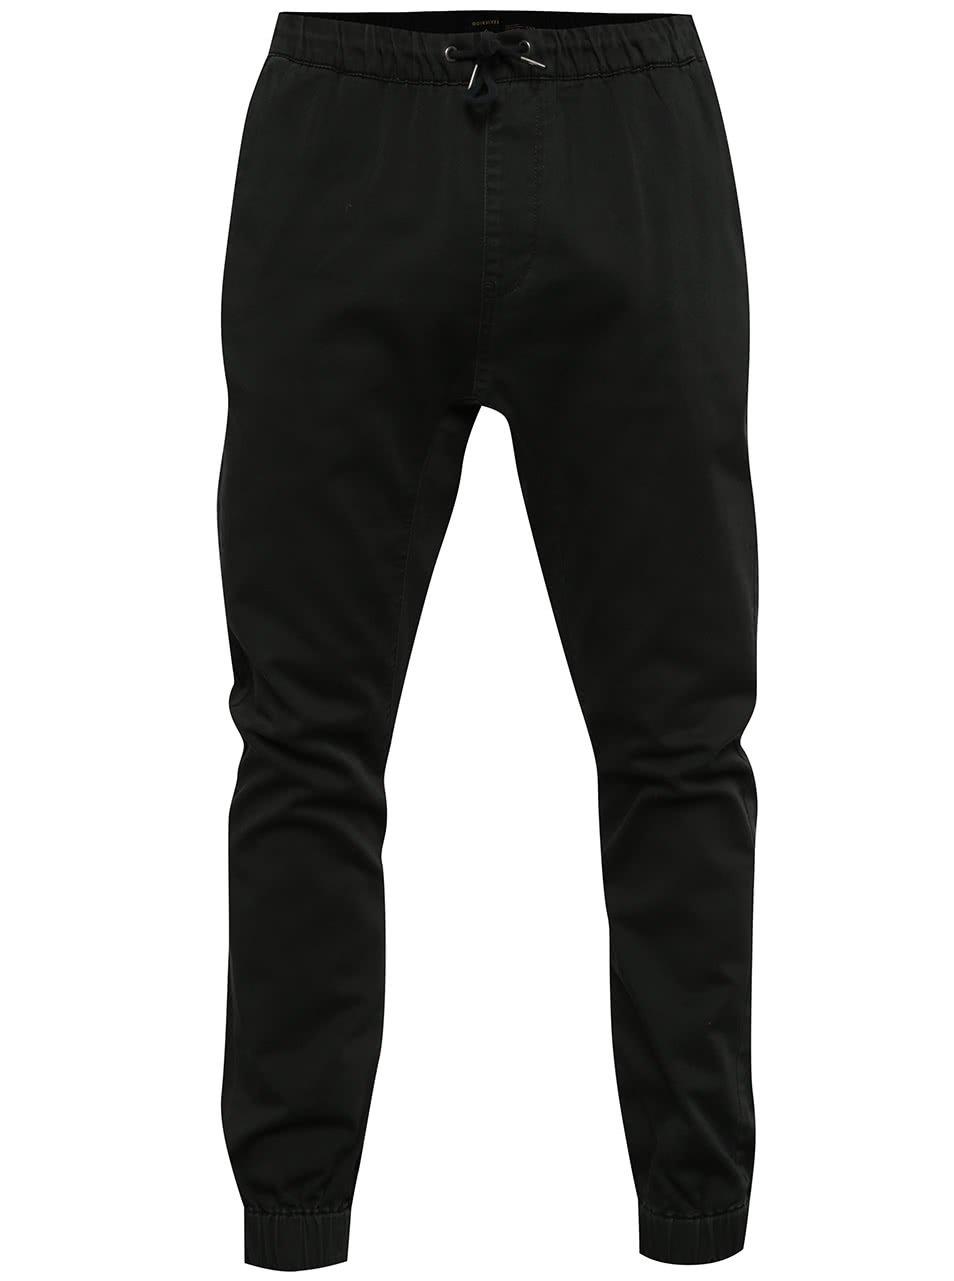 Černé pánské kalhoty s gumou v pase Quiksilver